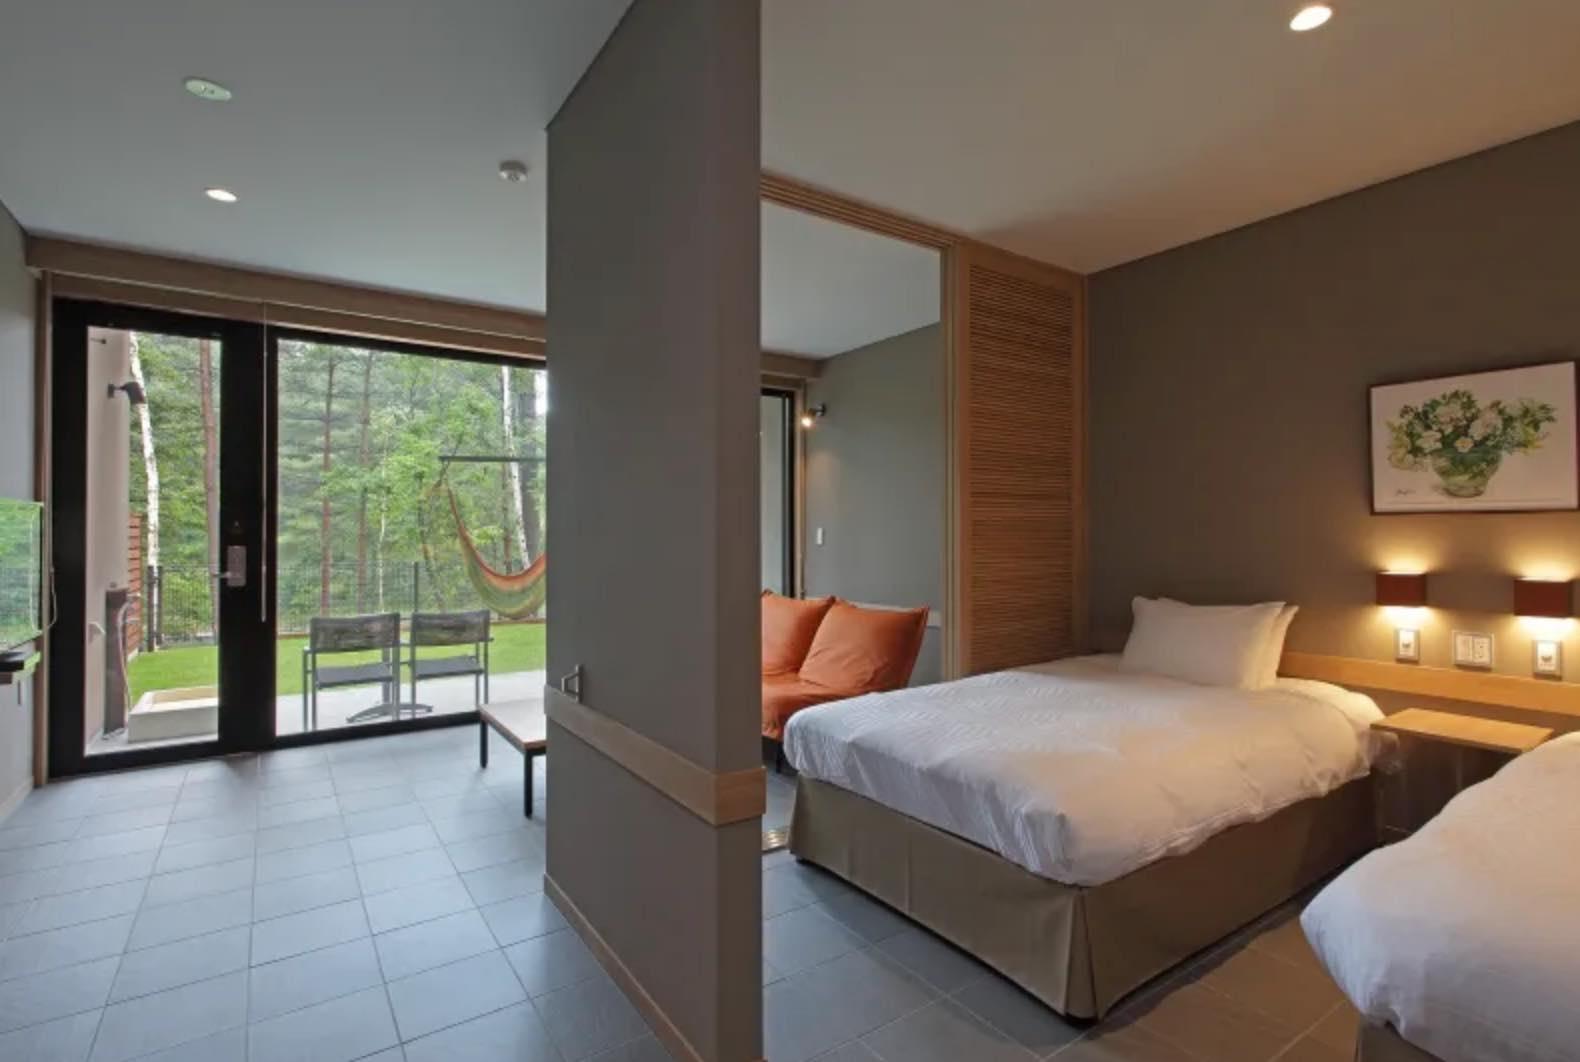 御影用水の水面と軽井沢の森を眺める客室